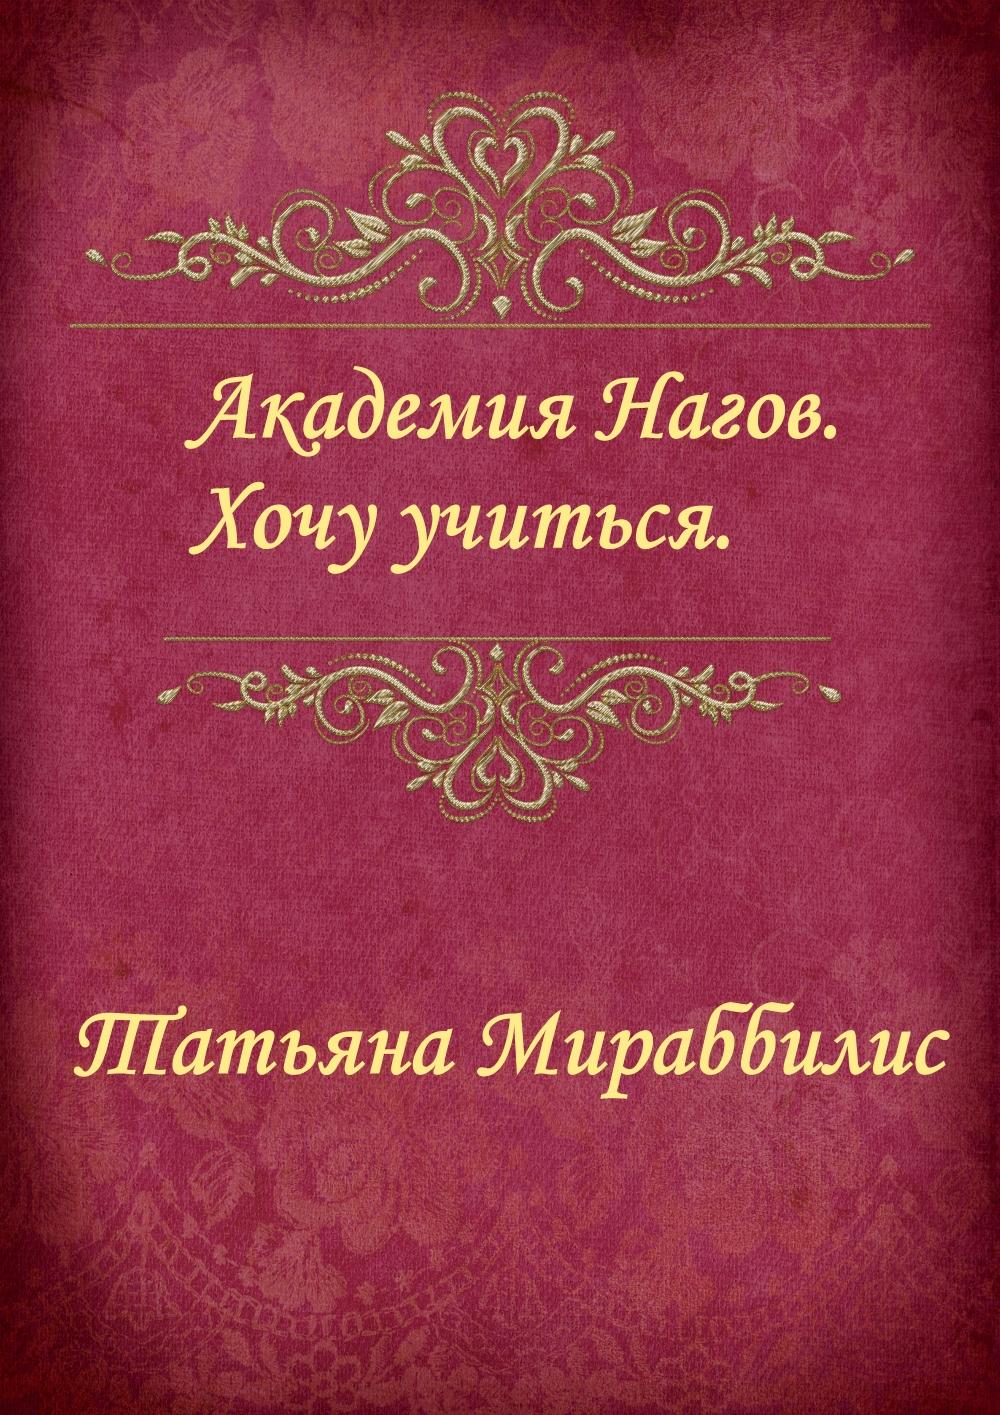 Академия Нагов. Хочу учиться — Татьяна Мираббилис